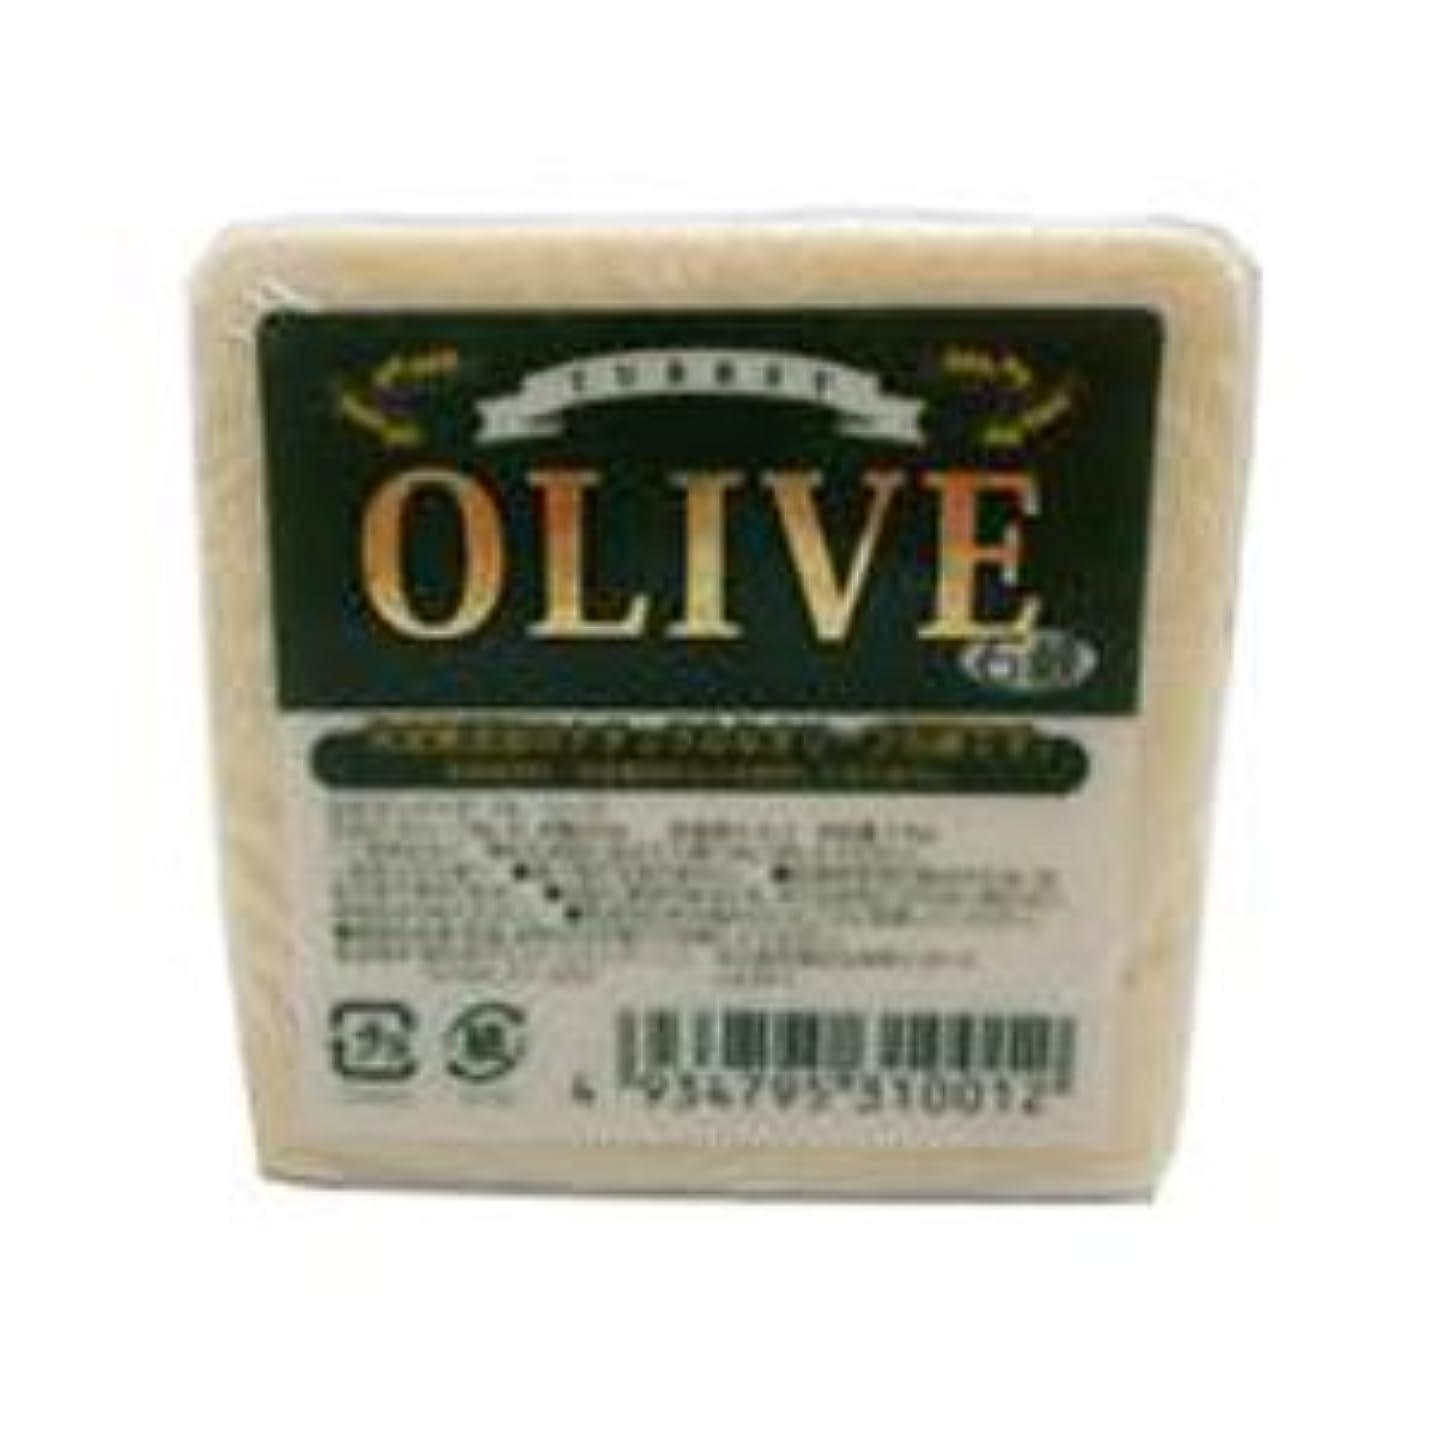 警察鉛ネストお得な10個セット トルコ産オリーブを使用した無添加石鹸 ターキーオリーブ石鹸 135g